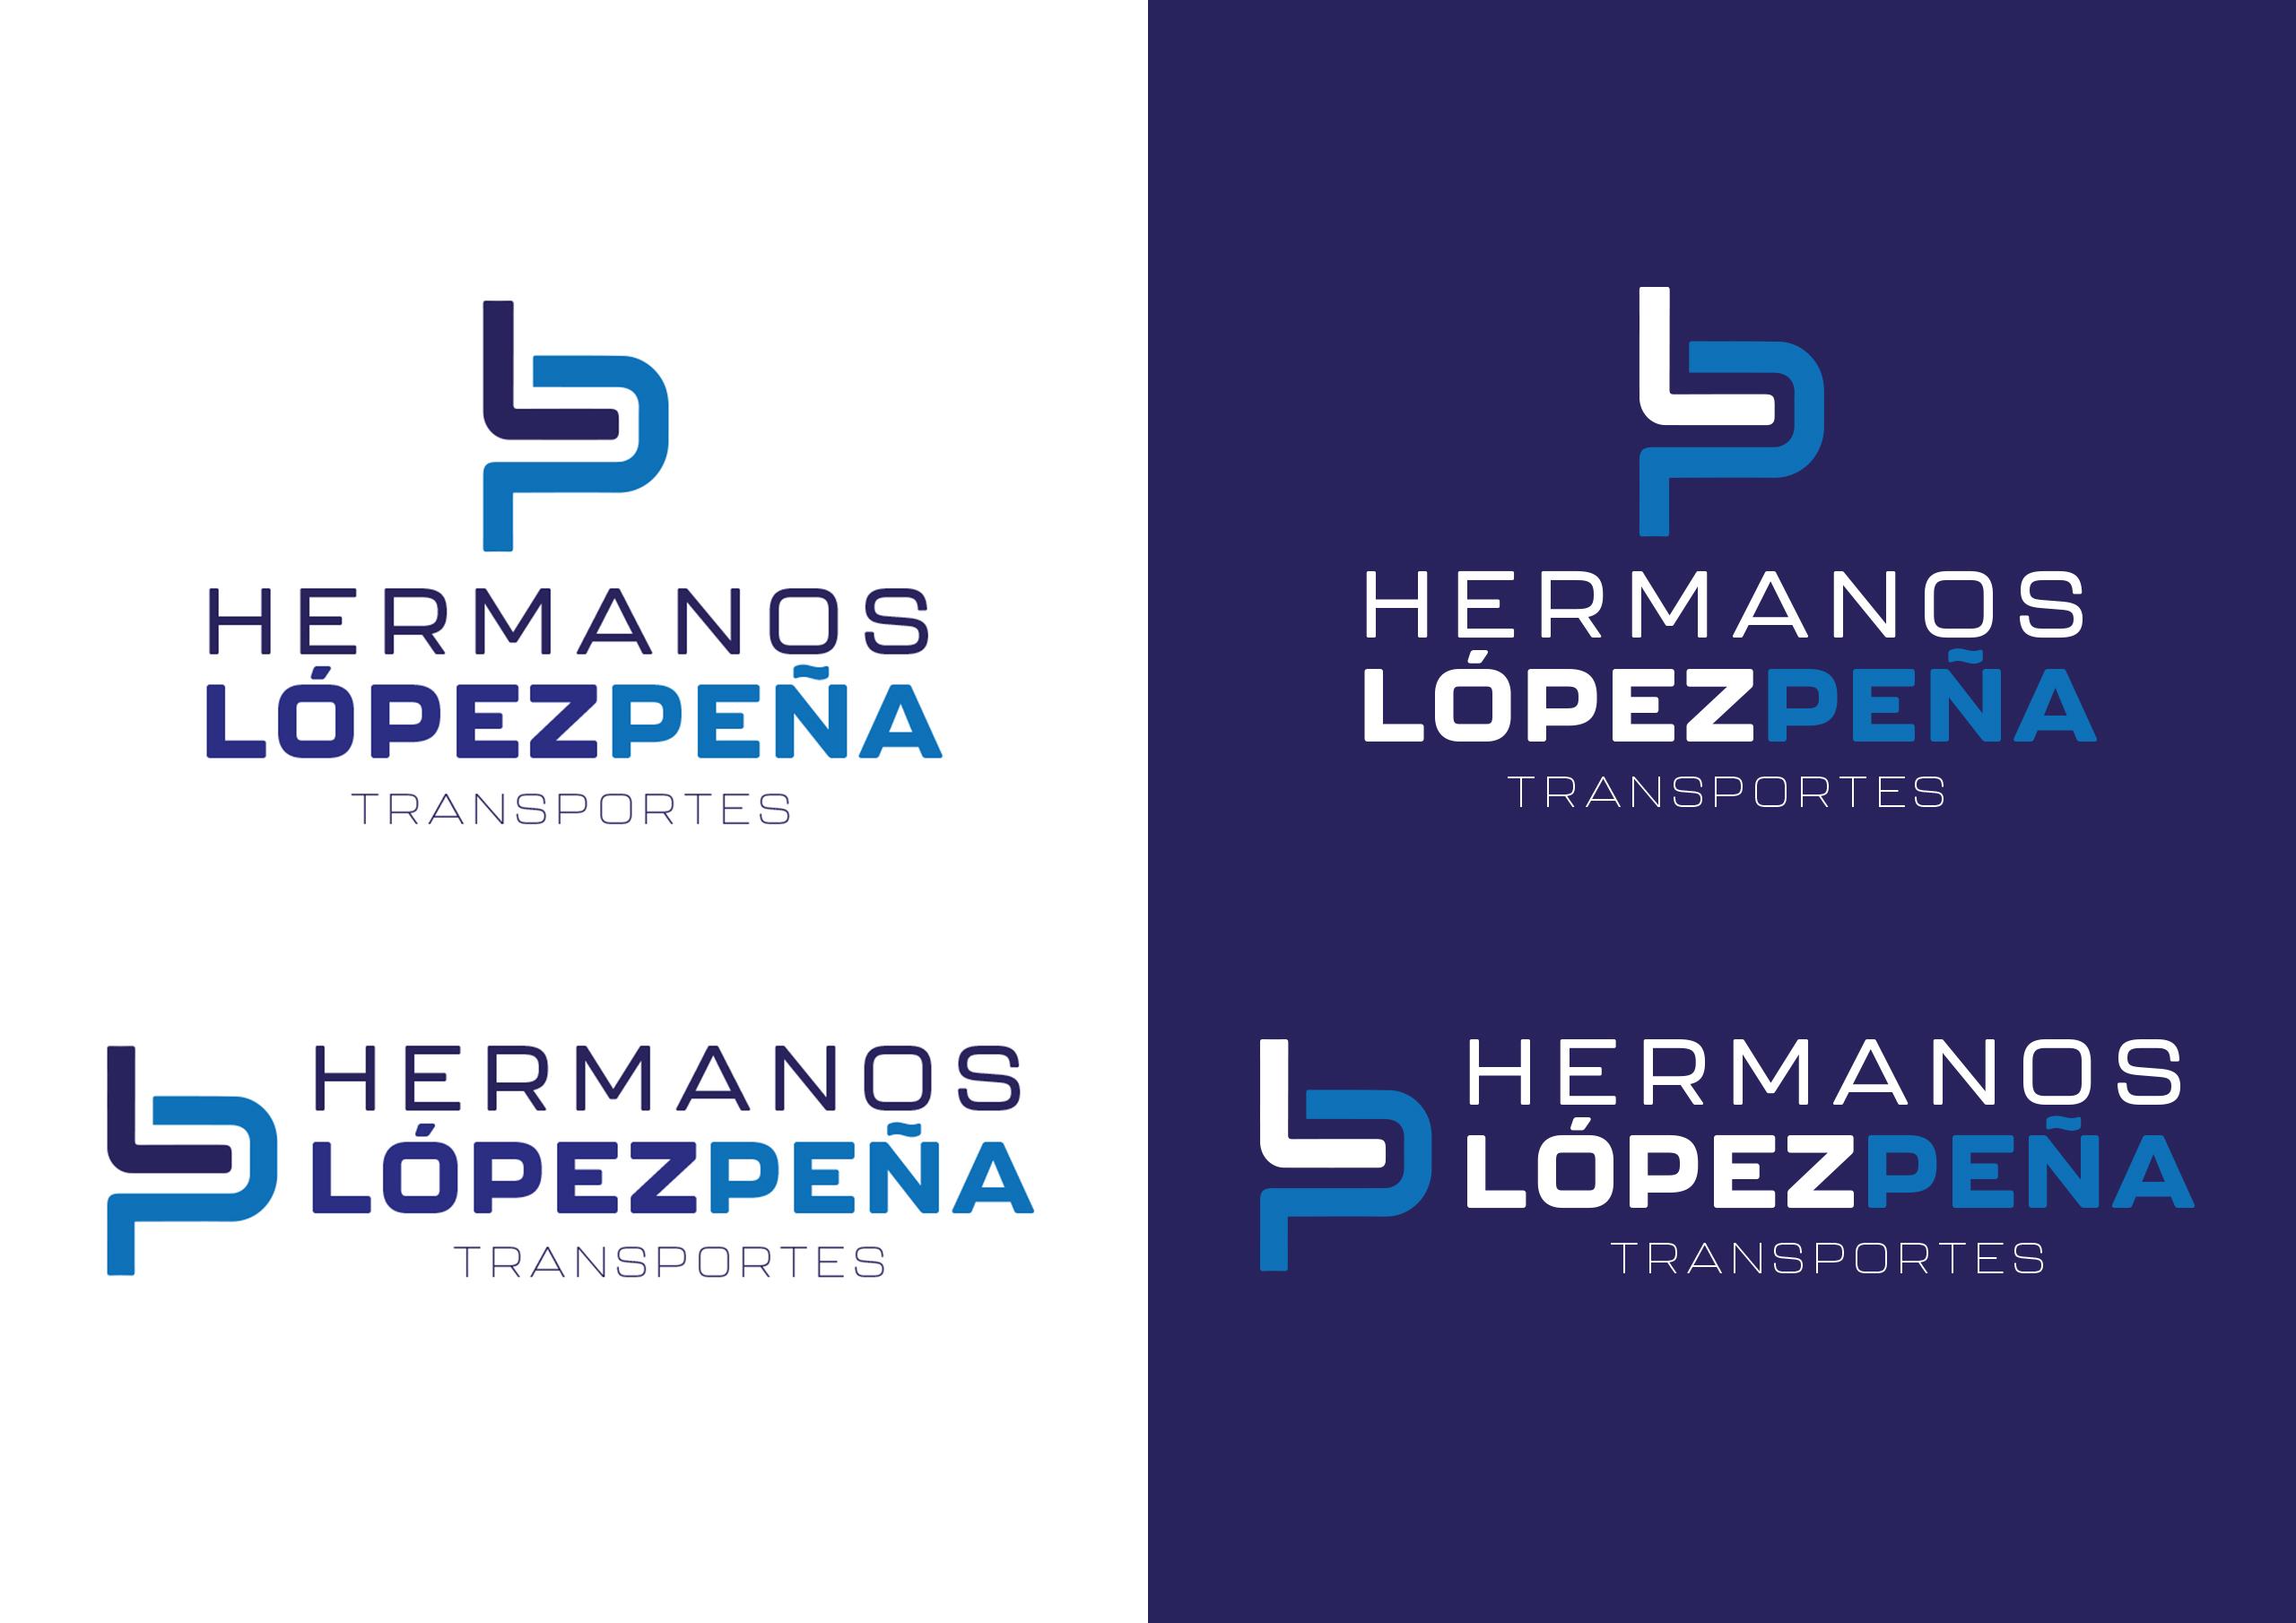 Logo Fondo Blanco/Negro Hermanos Lopez Peña